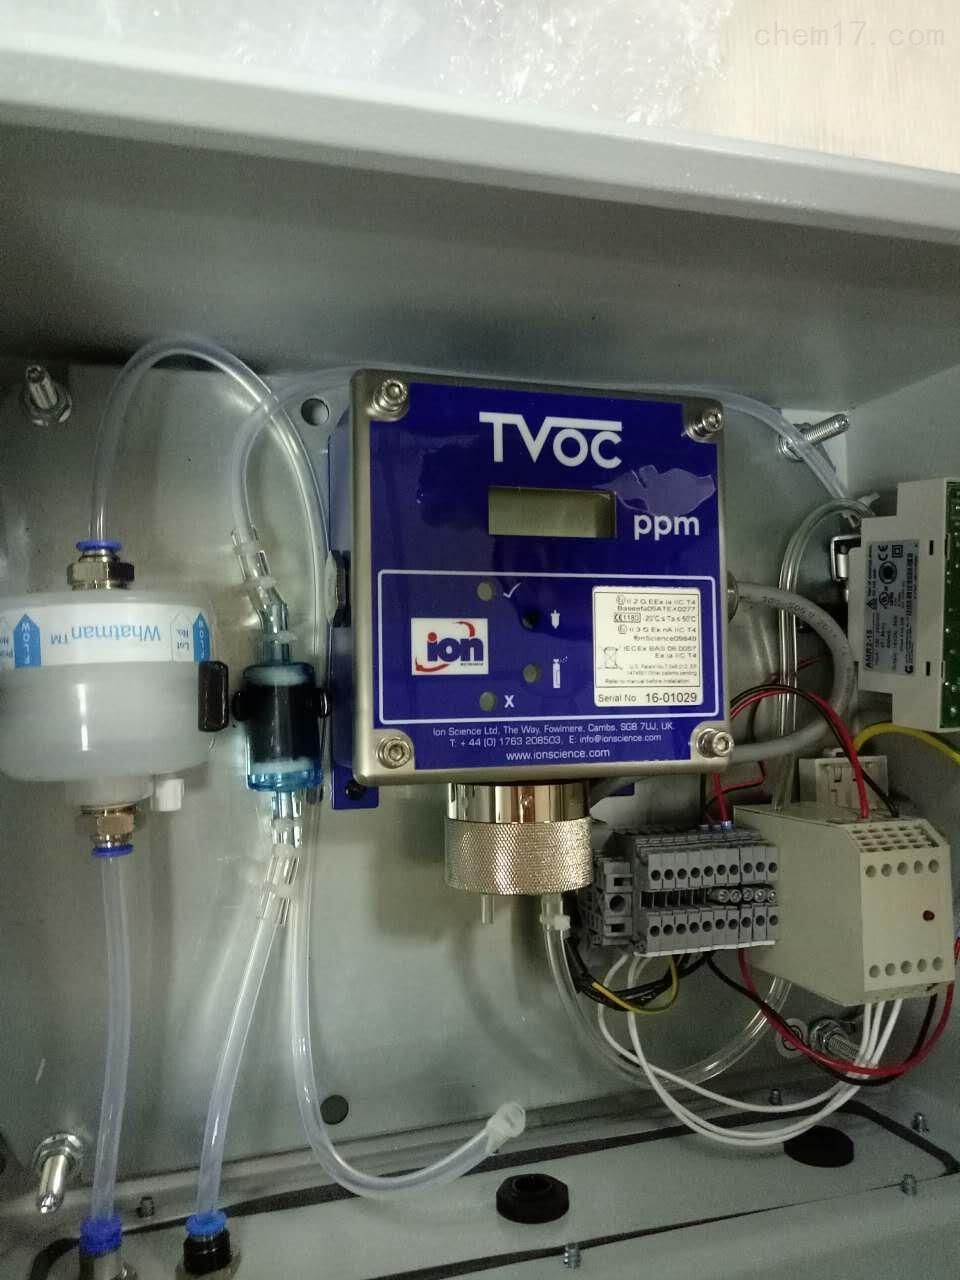 英国离子光离子PID法尔考固定式VOC在线监测仪